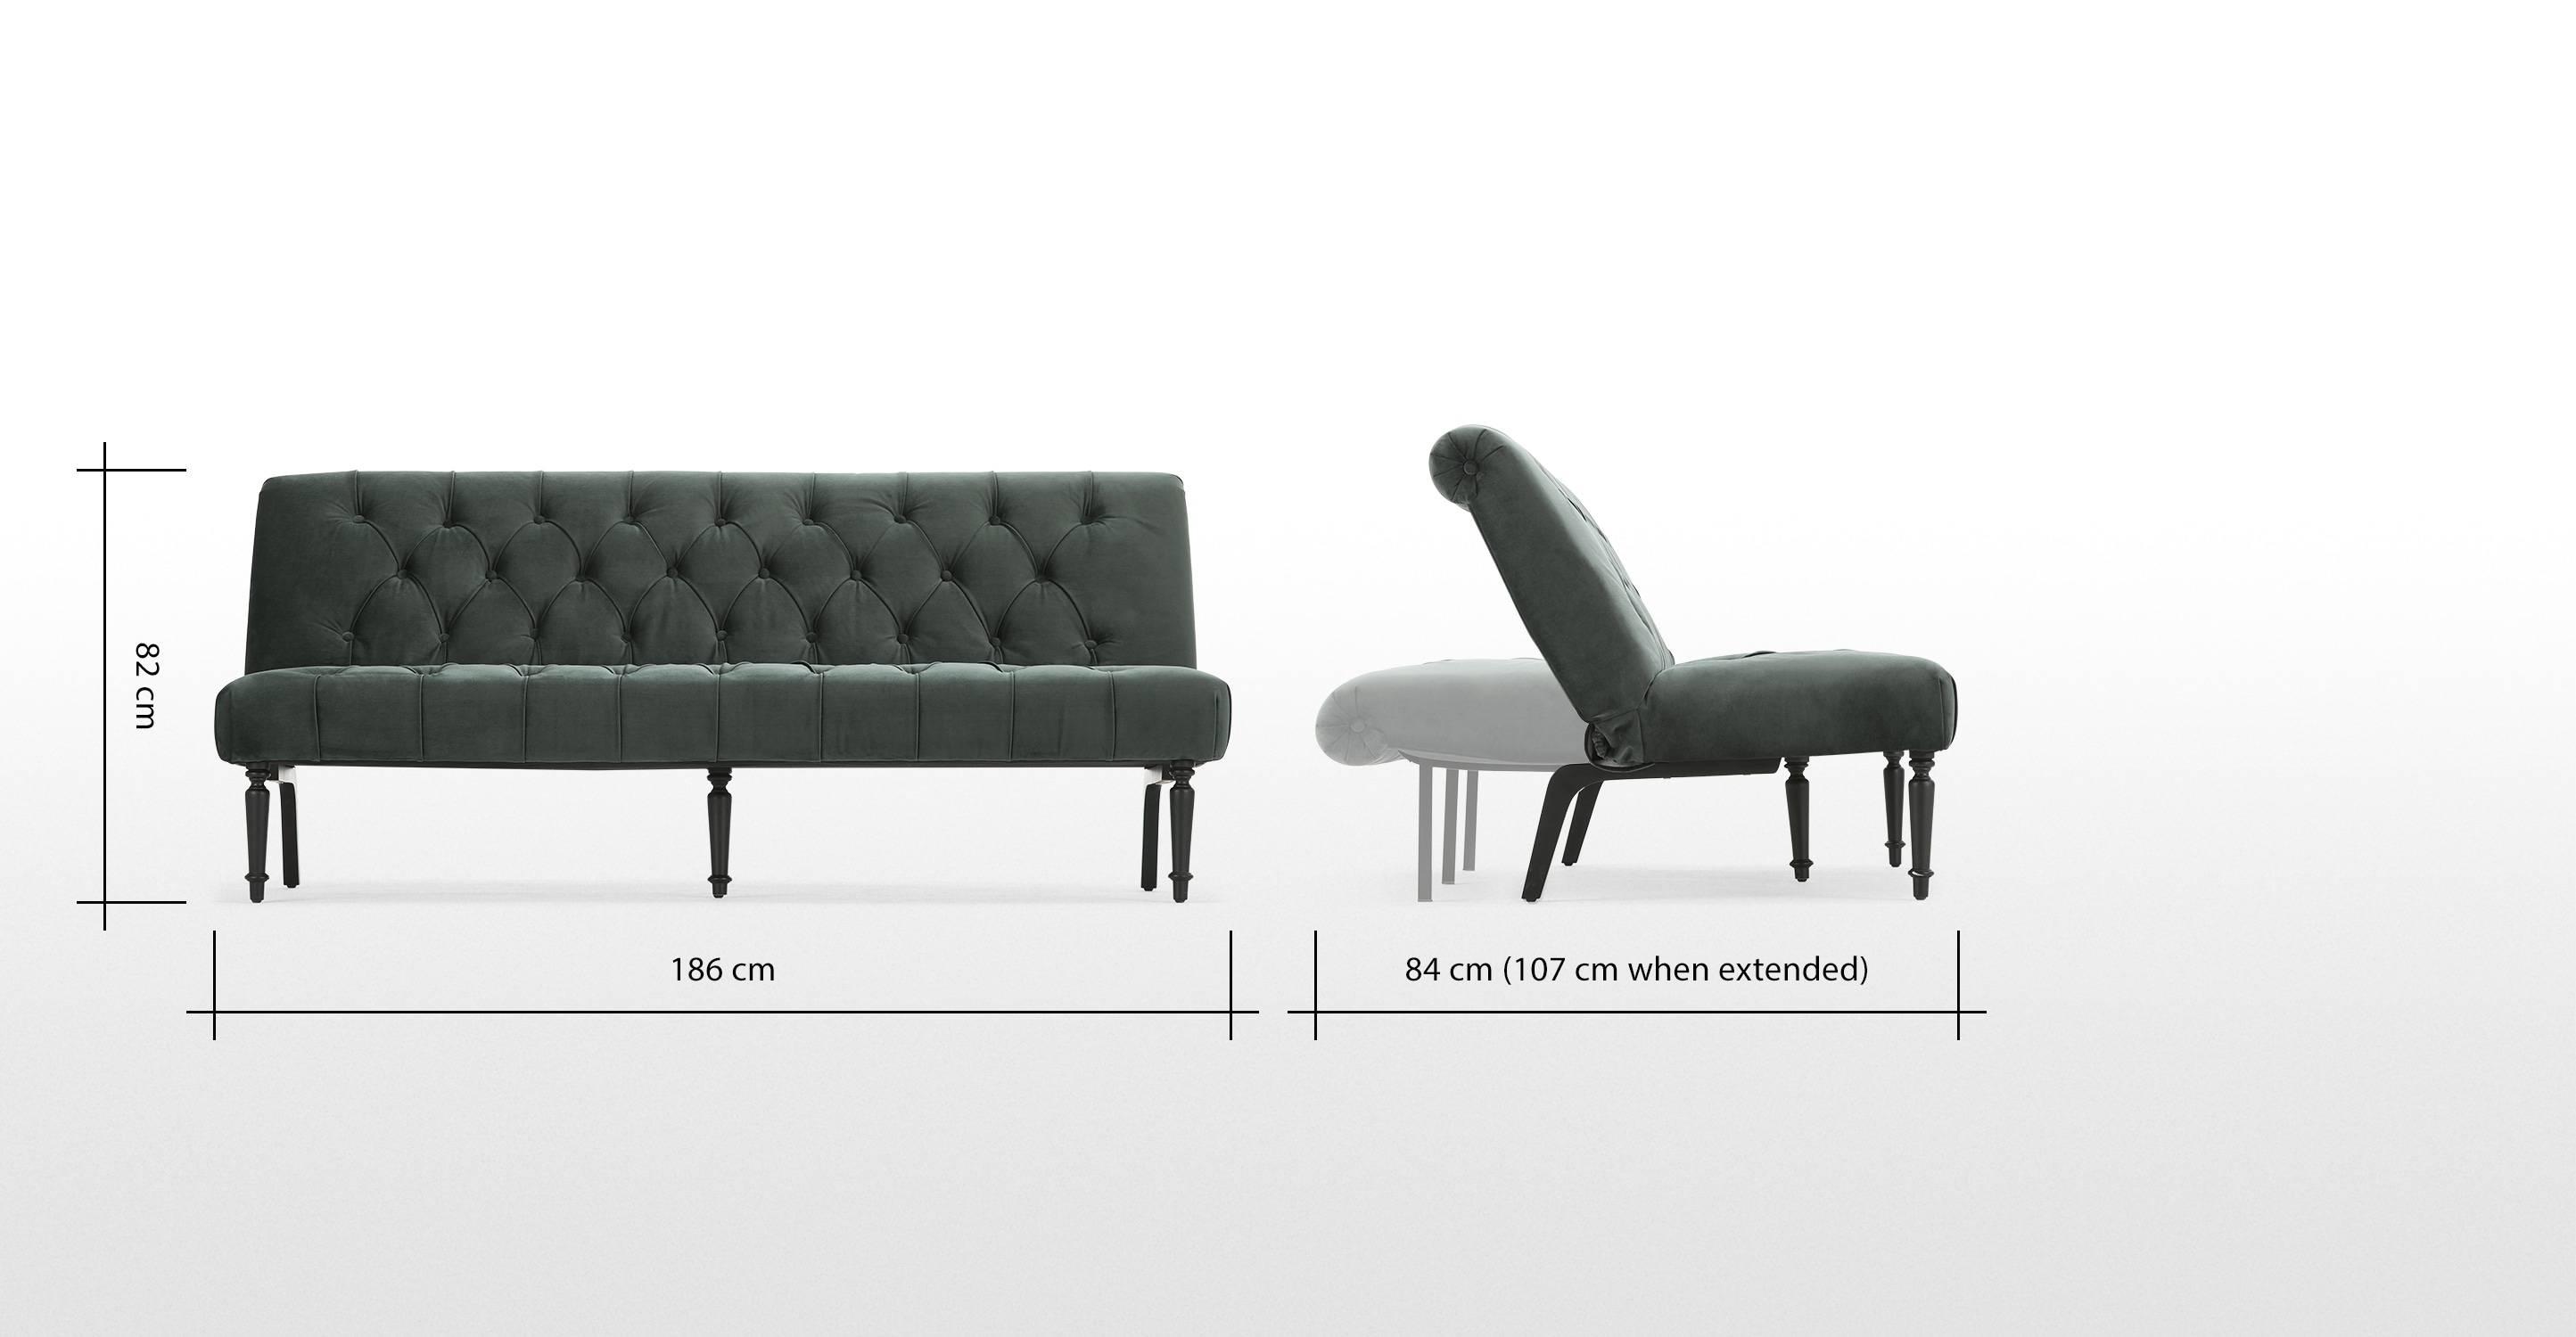 Slipper Sofa Bed, Midnight Grey Velvet | Made for Slipper Sofas (Image 7 of 15)